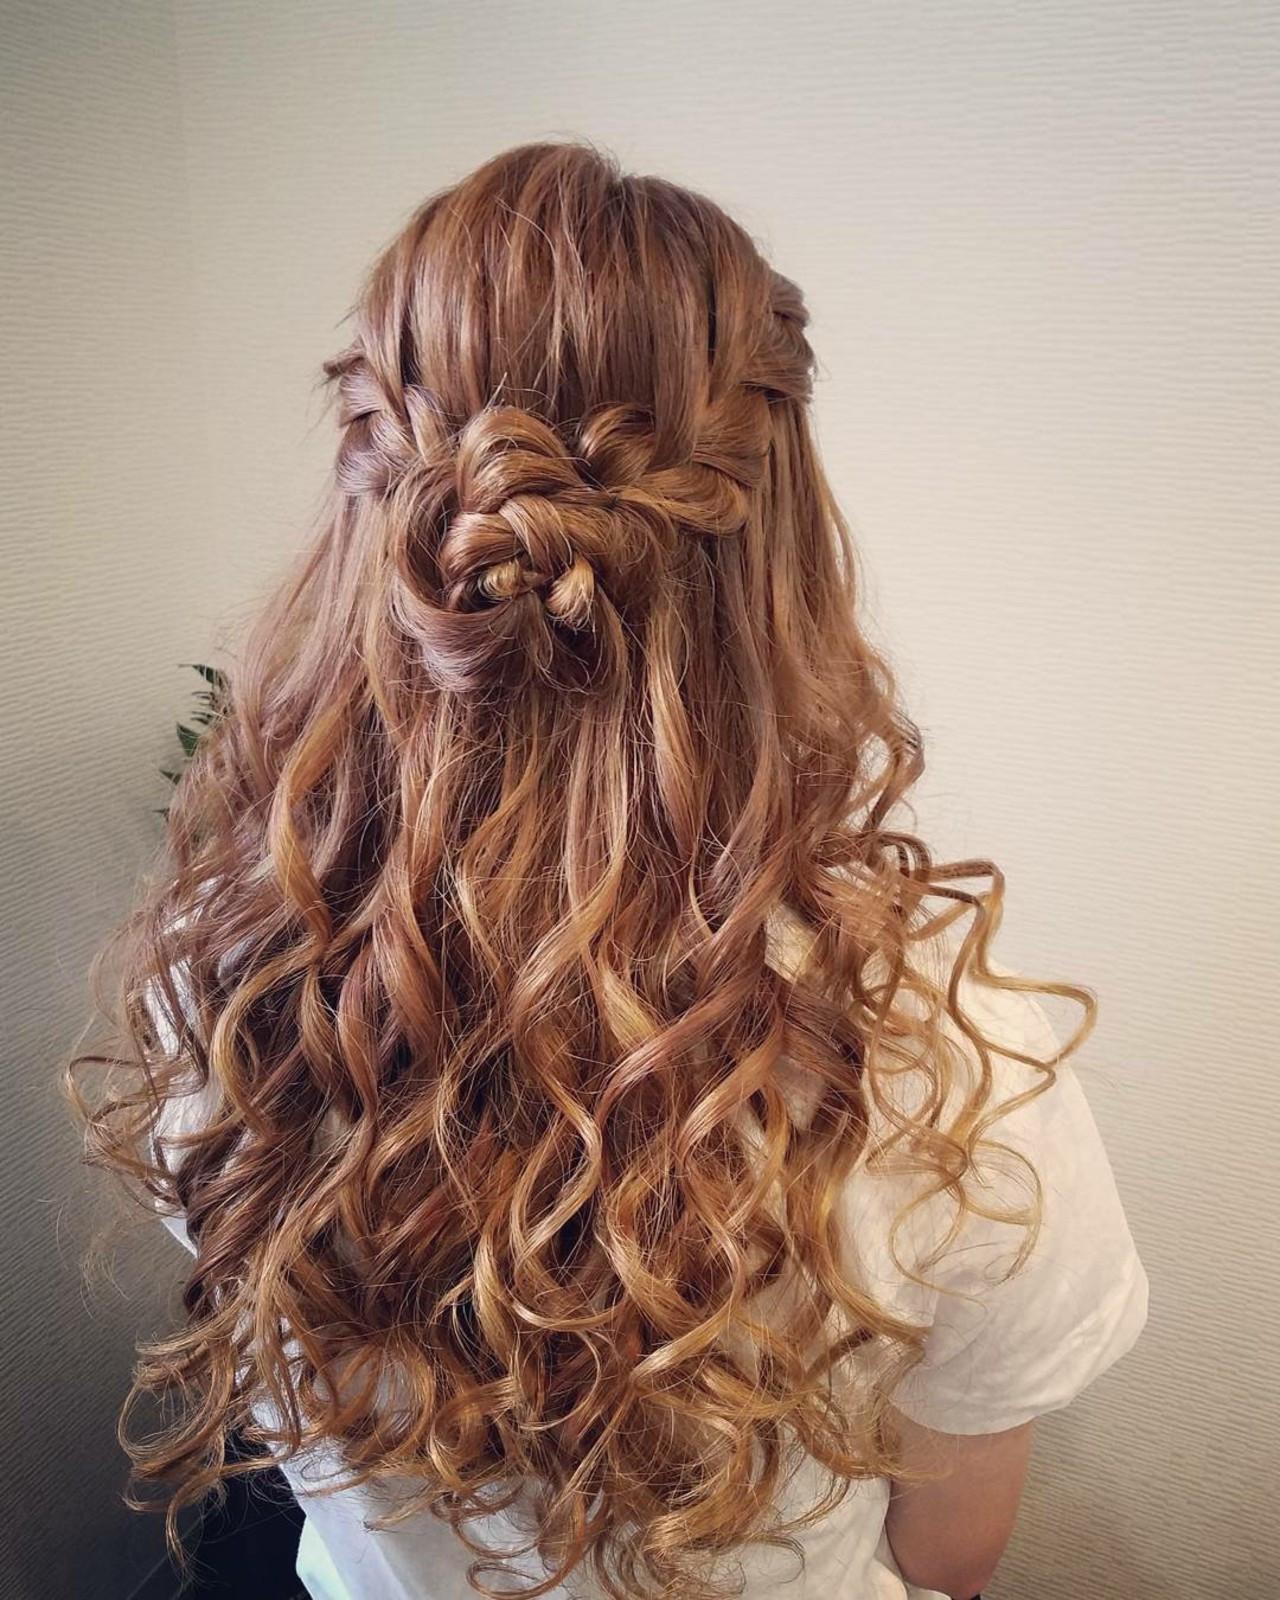 ロング ハーフアップ フェミニン ヘアアレンジ ヘアスタイルや髪型の写真・画像